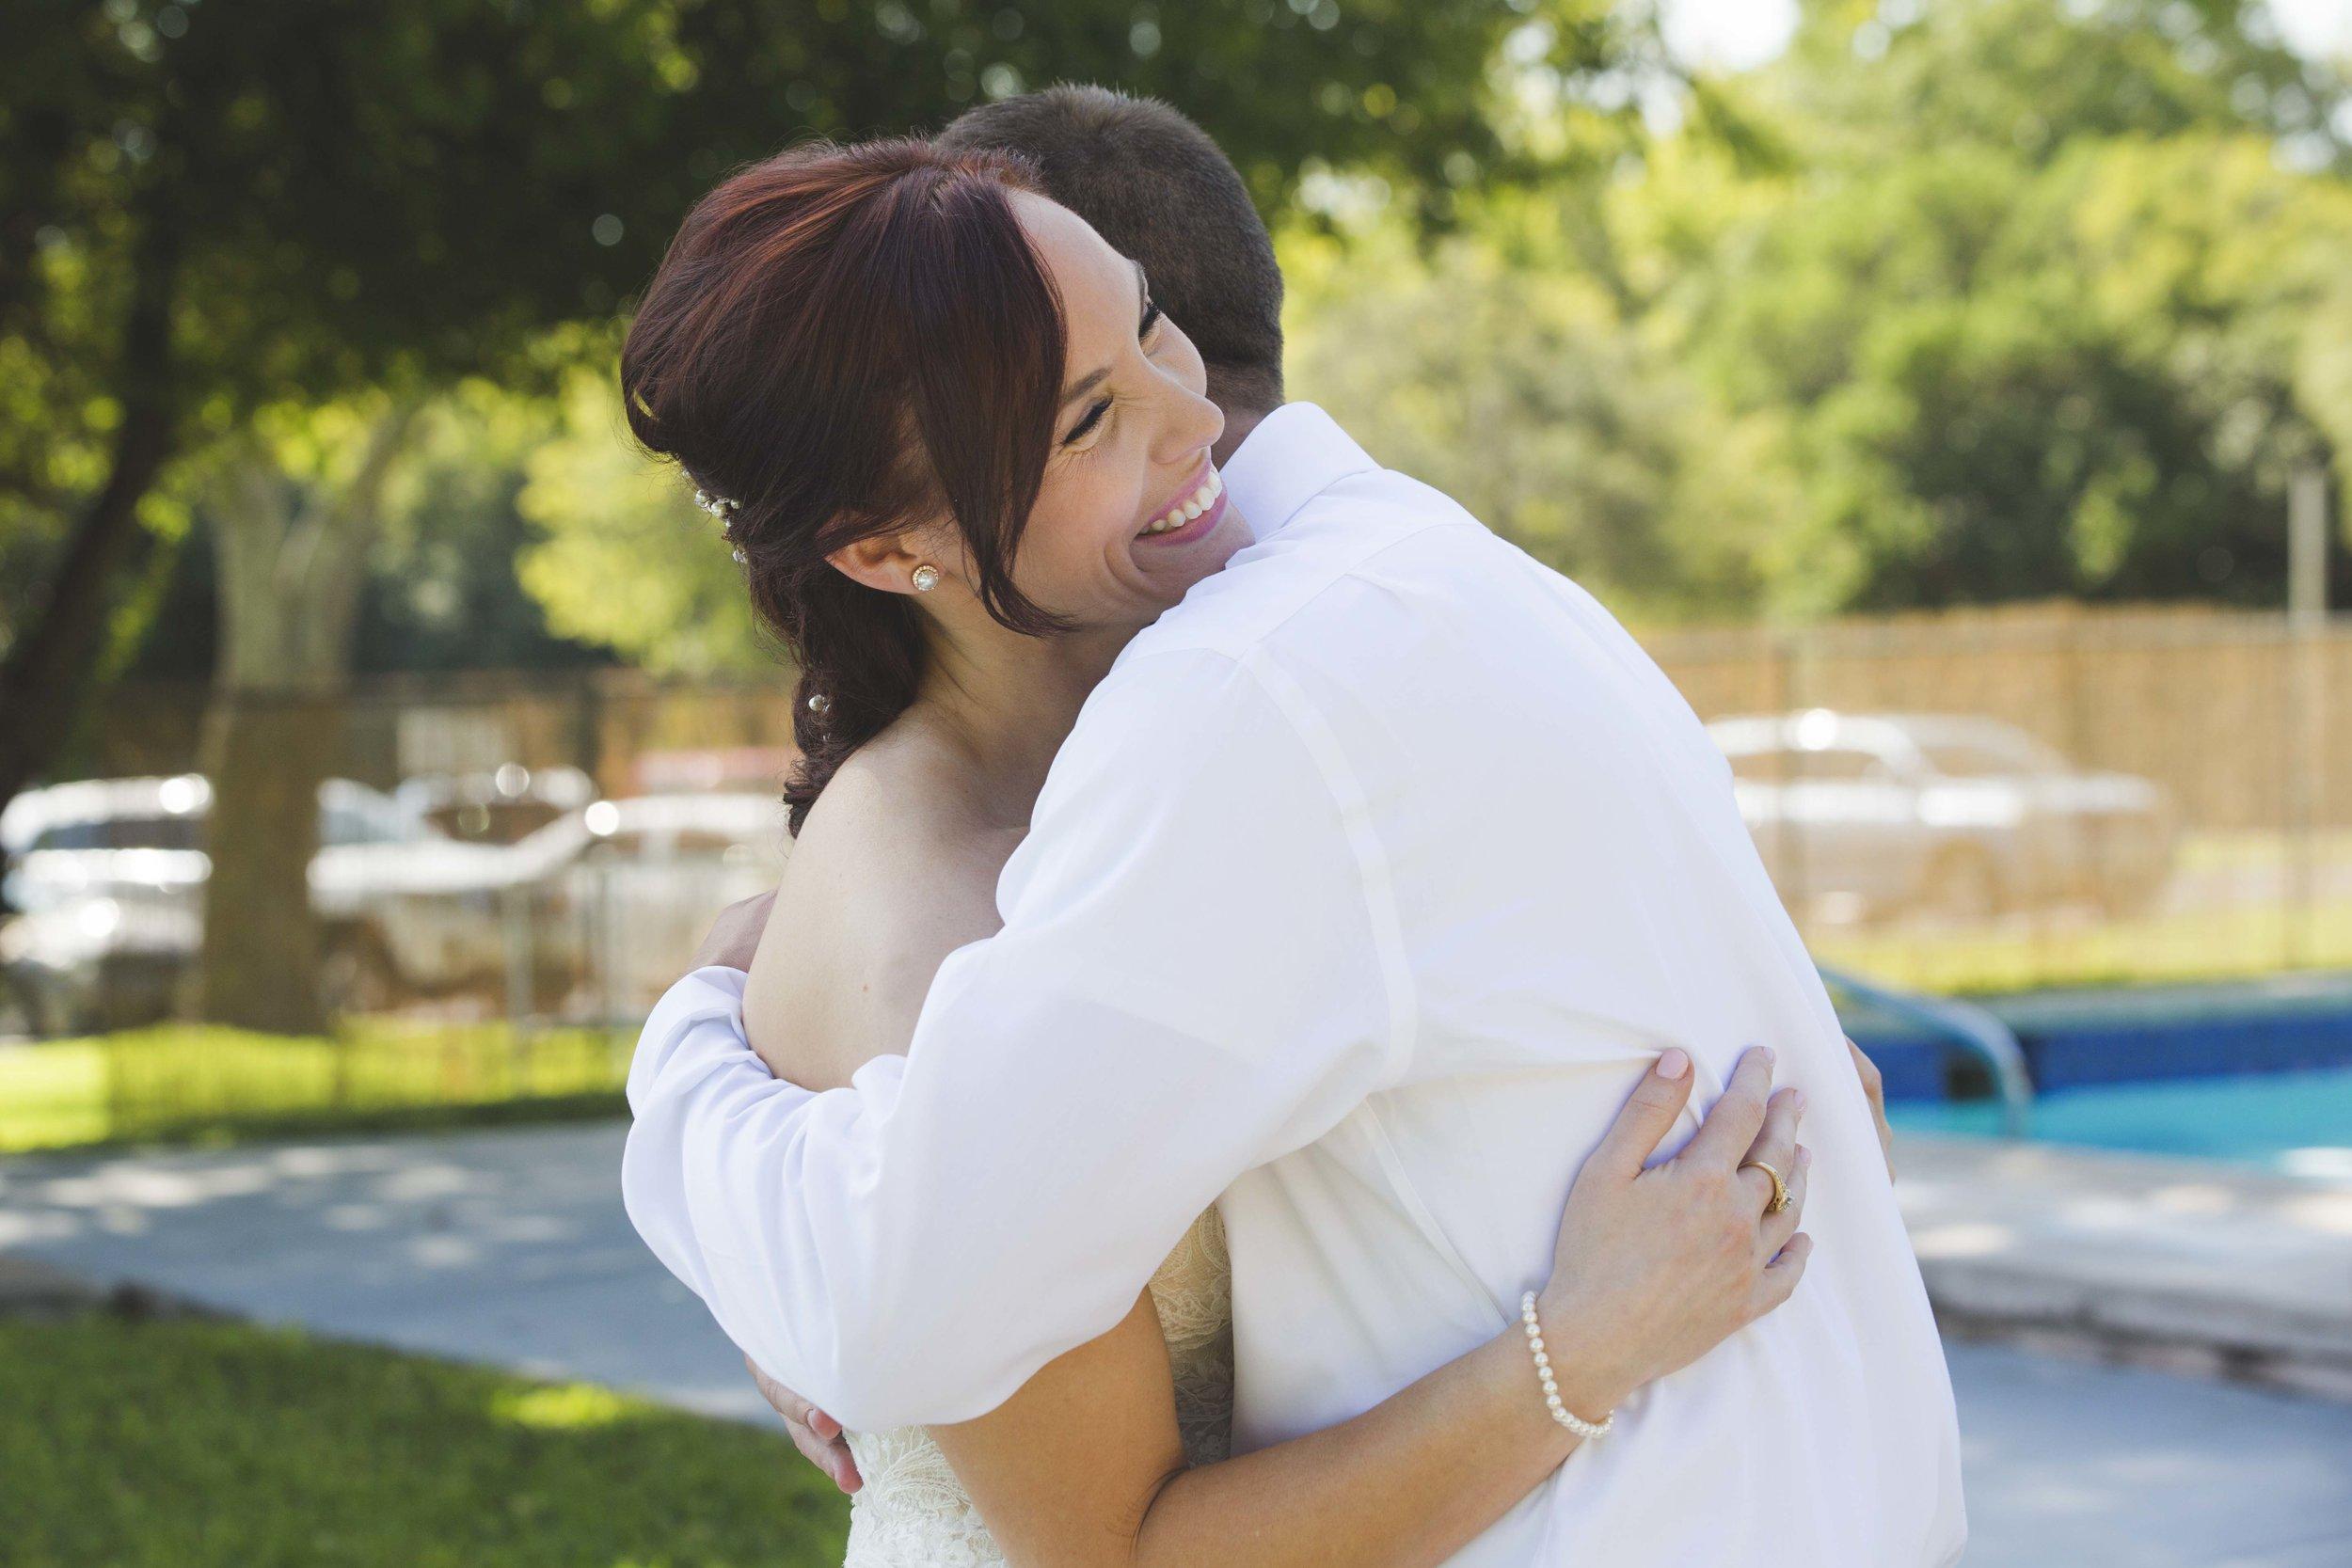 ATGI_Susanna & Matt Wedding_717A7301.jpg